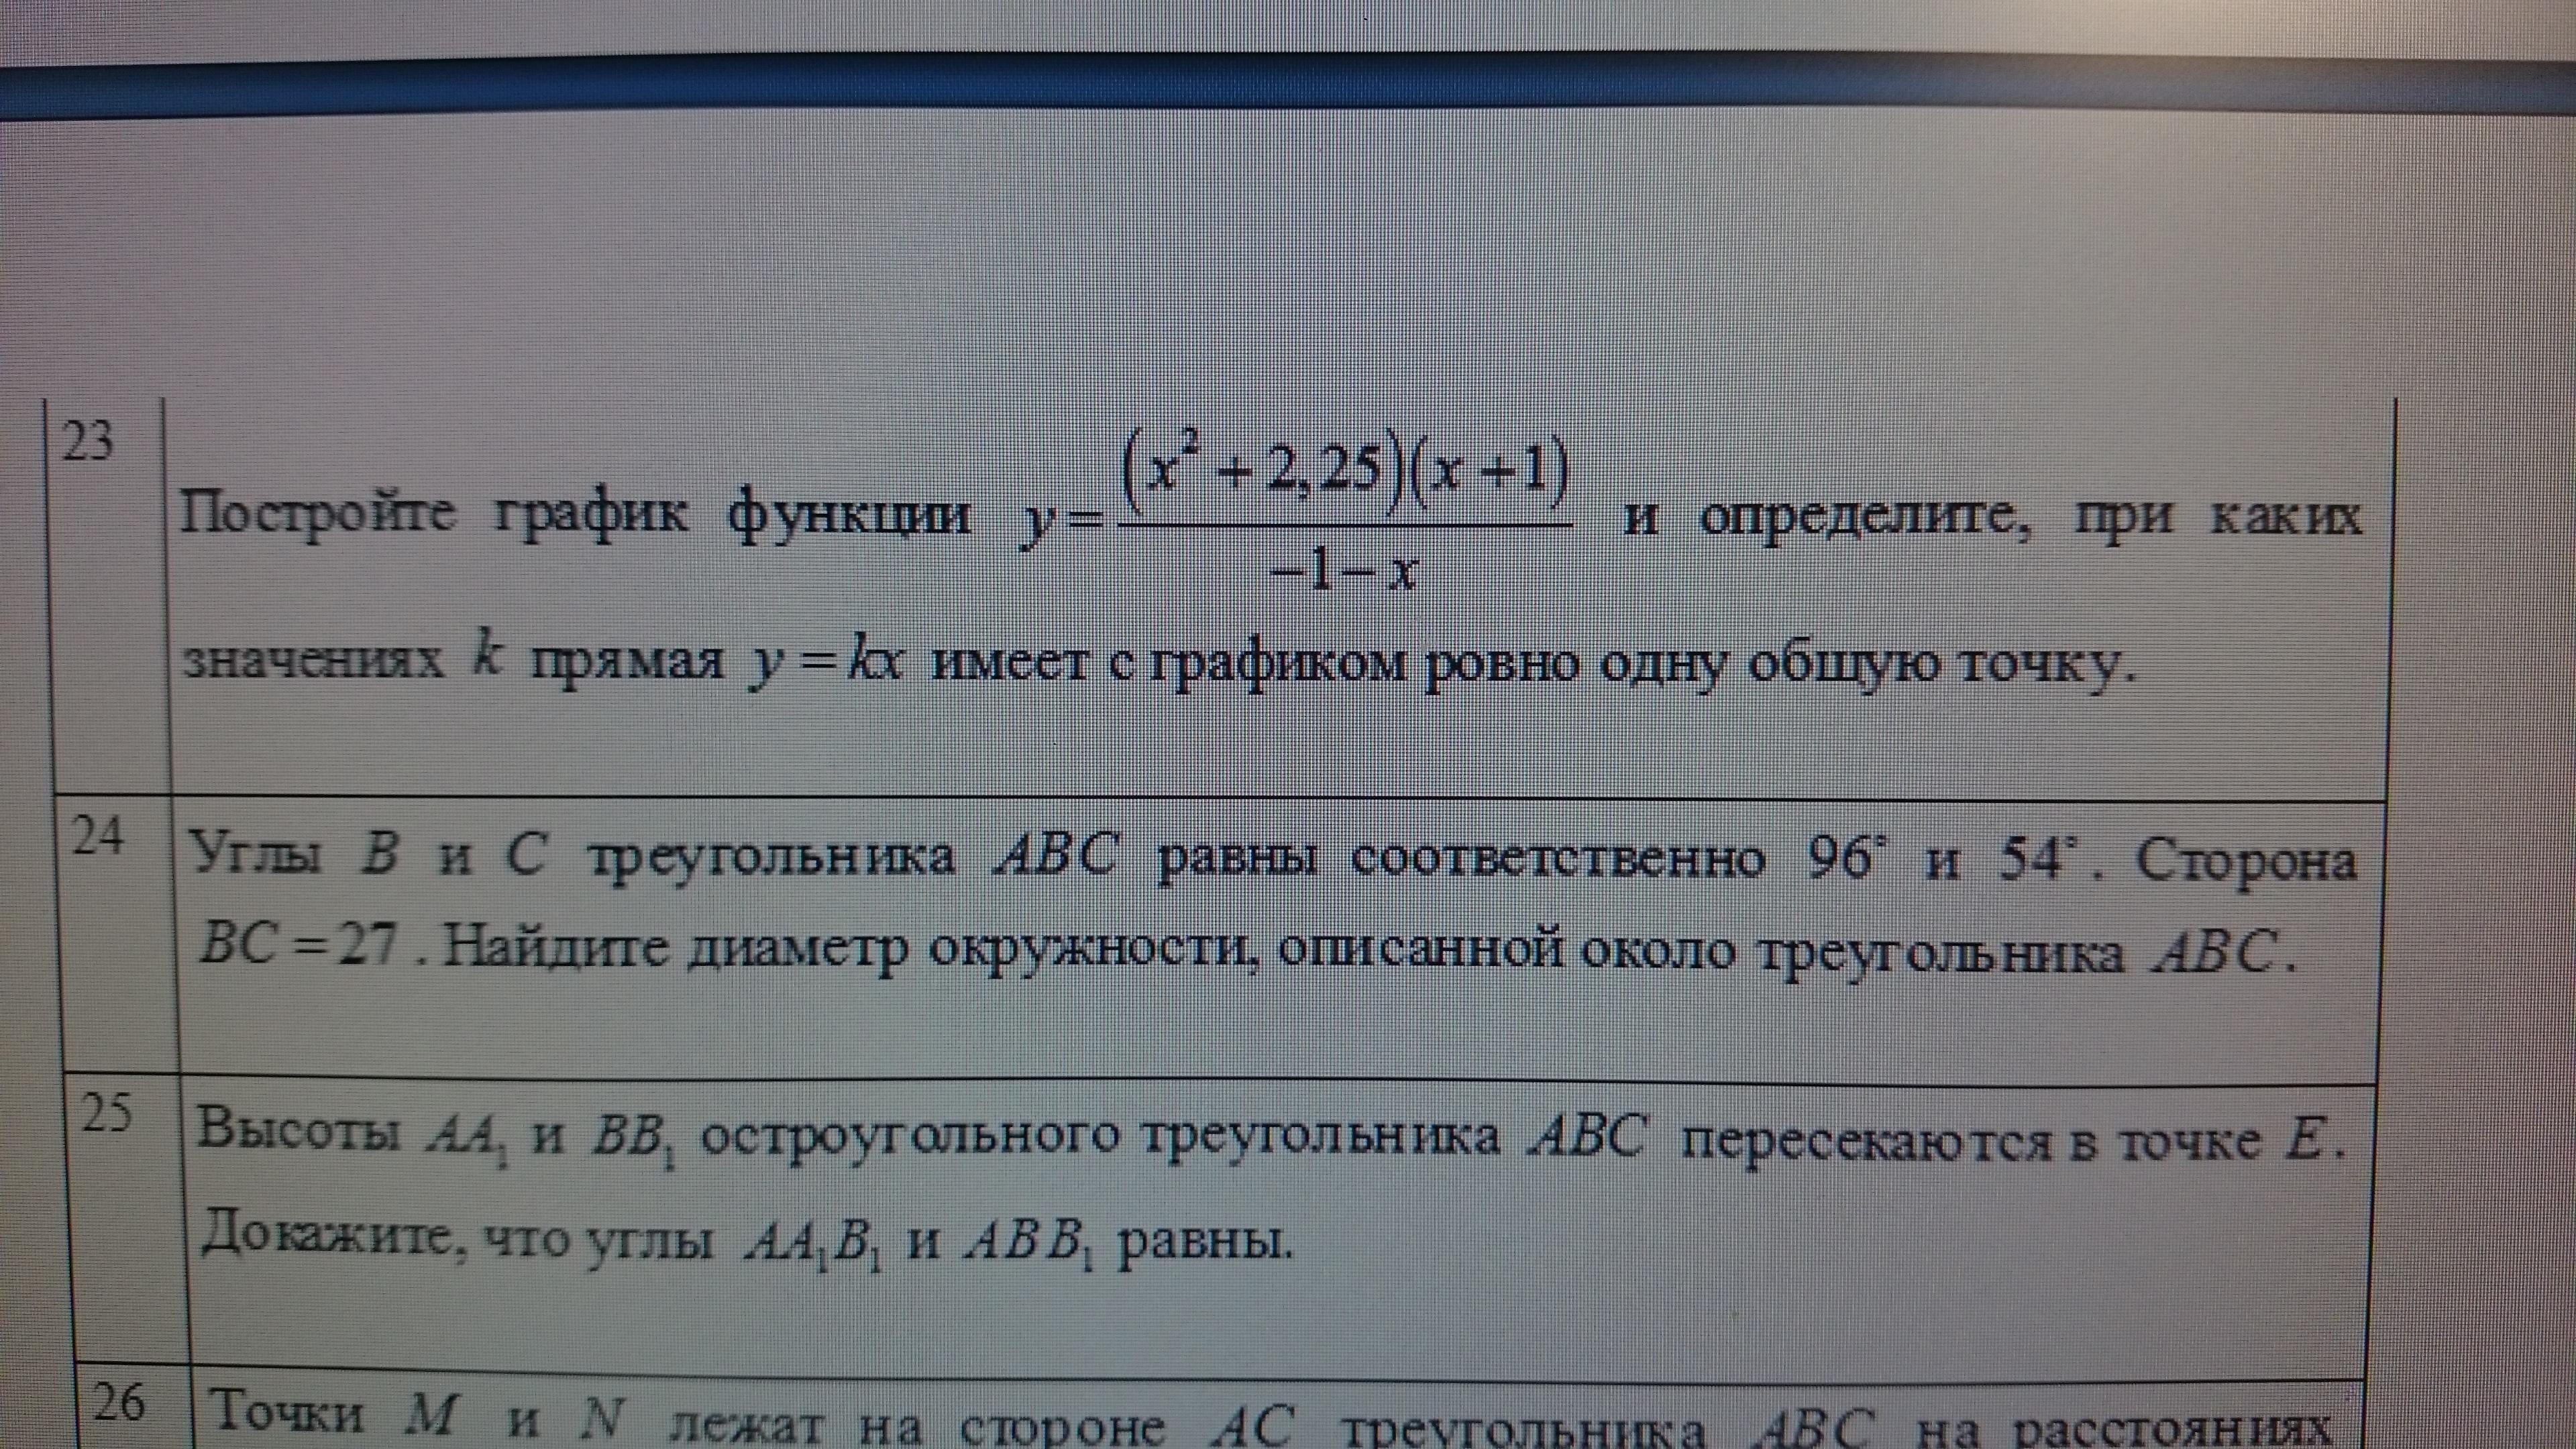 Постройте график функции, умоляю?